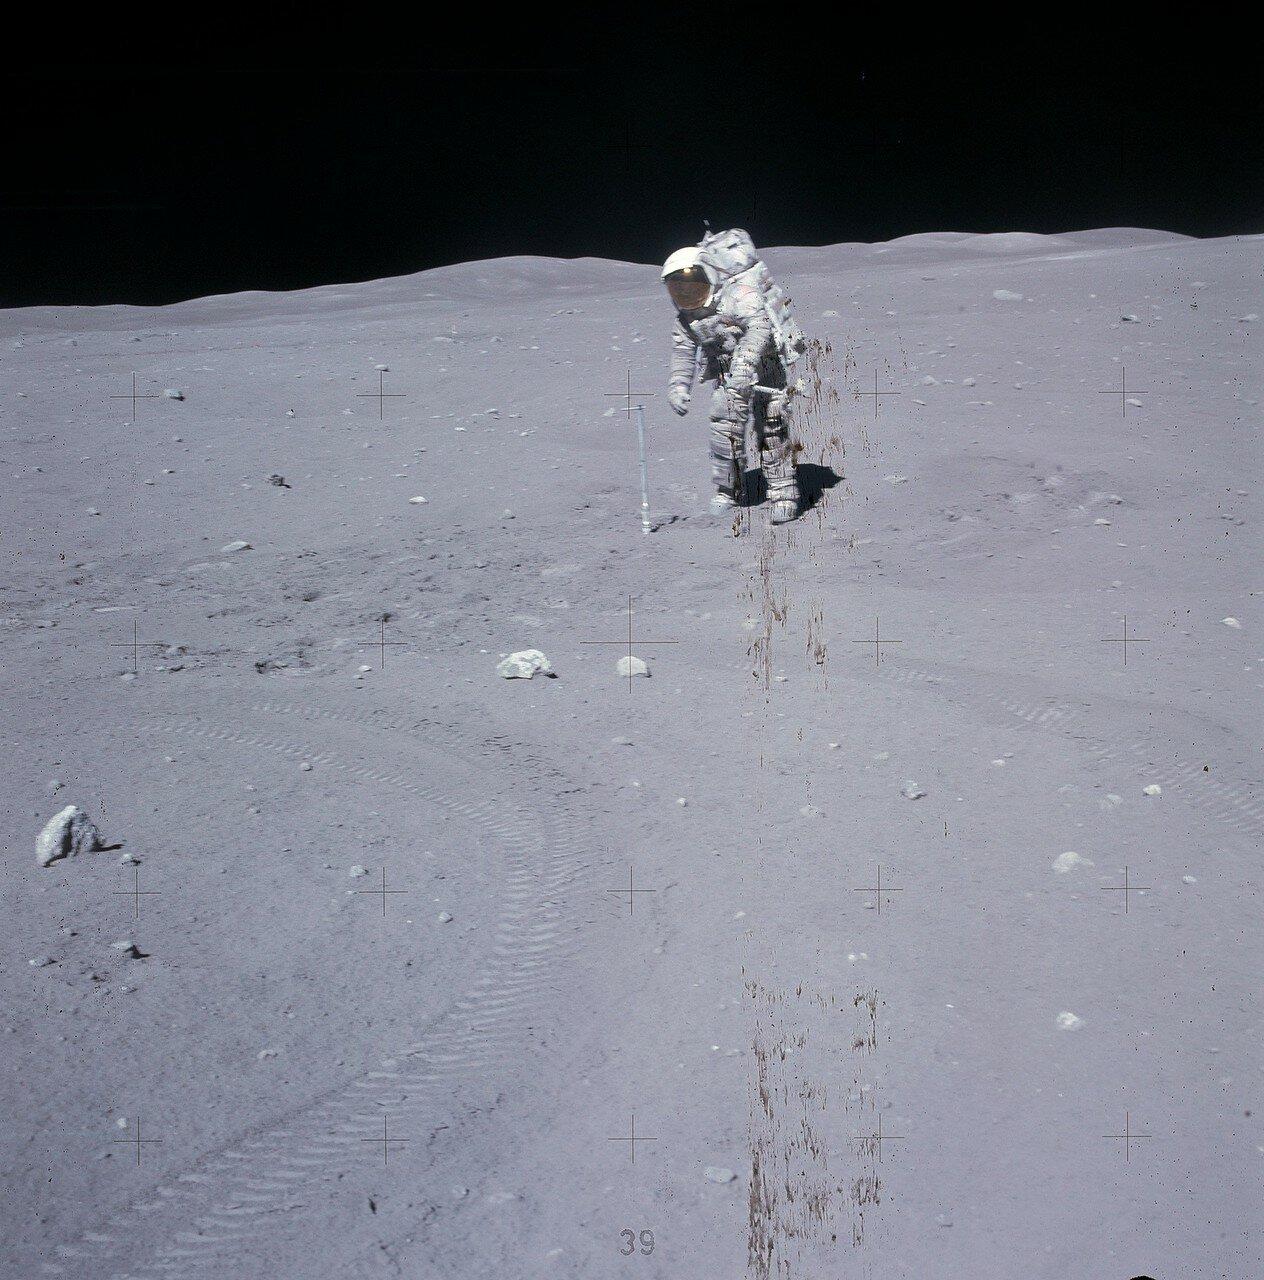 На Station 10 Prime астронавты собрали граблями мелкие камешки и грунт, Дьюк углубил двойную трубку-пробоотборник. На снимке: Дьюк углубил двойную трубку-пробоотборник на Station 10 Prime